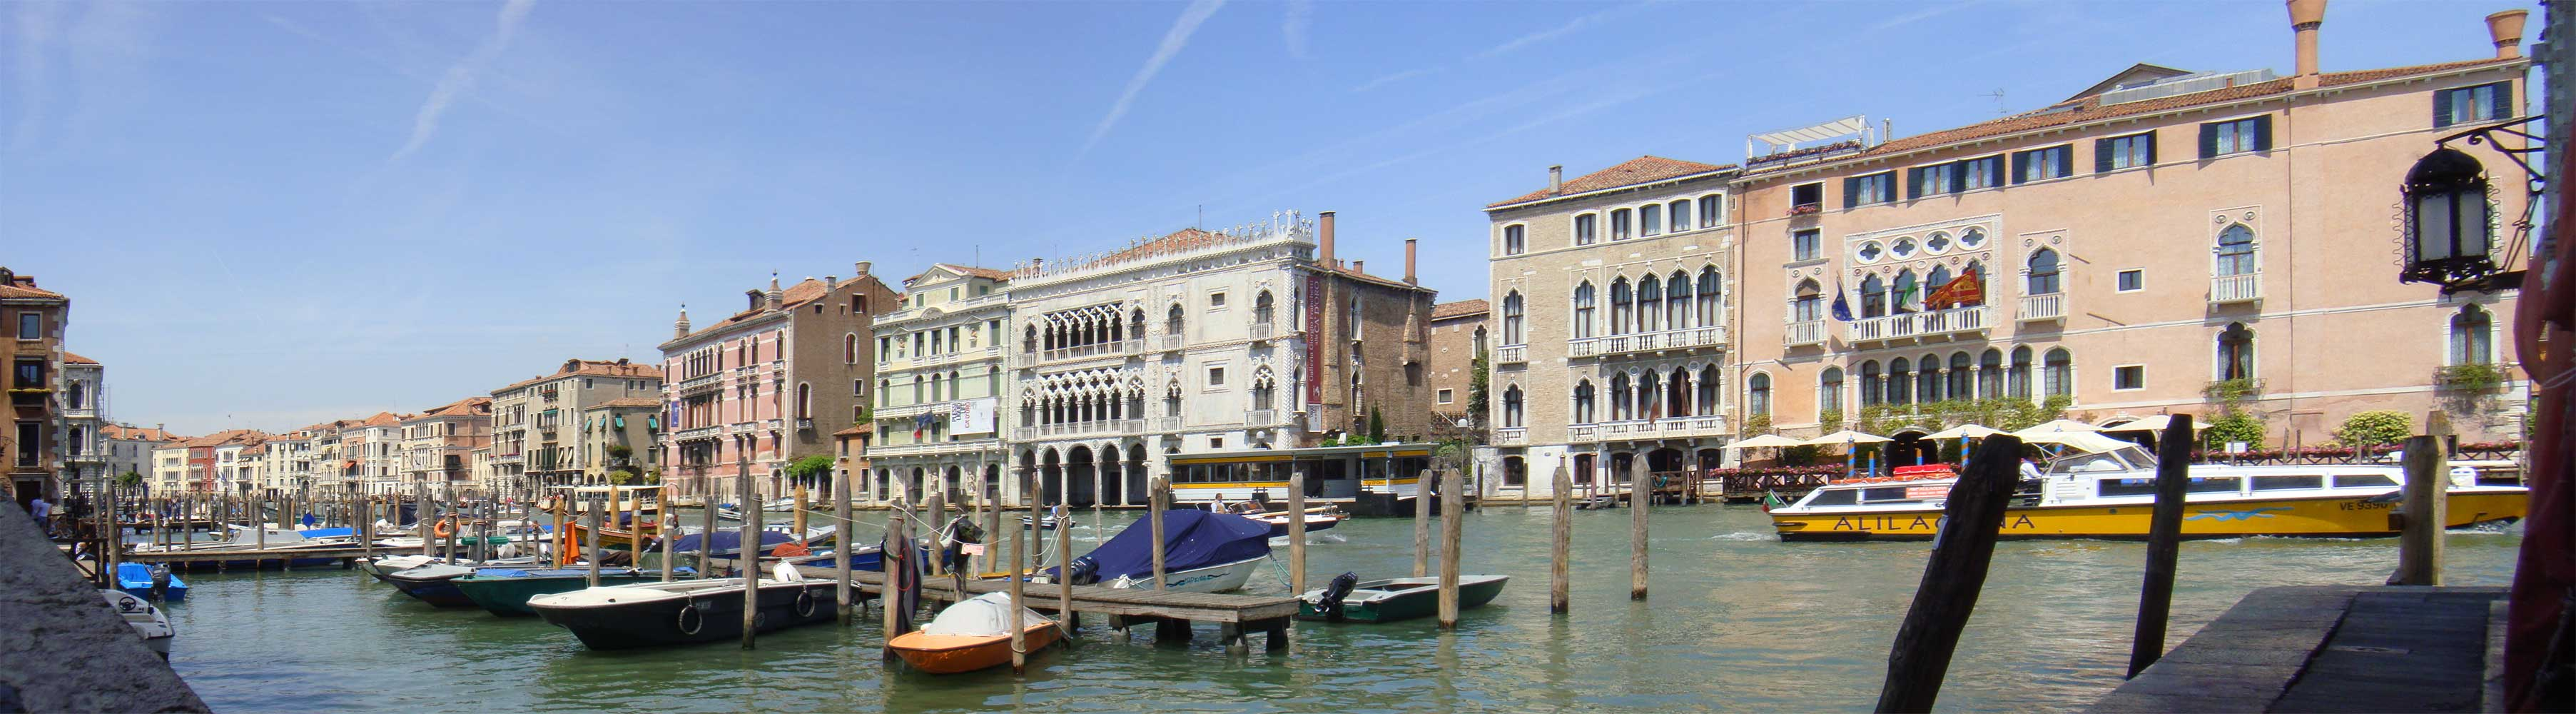 Venedig-Pan-1